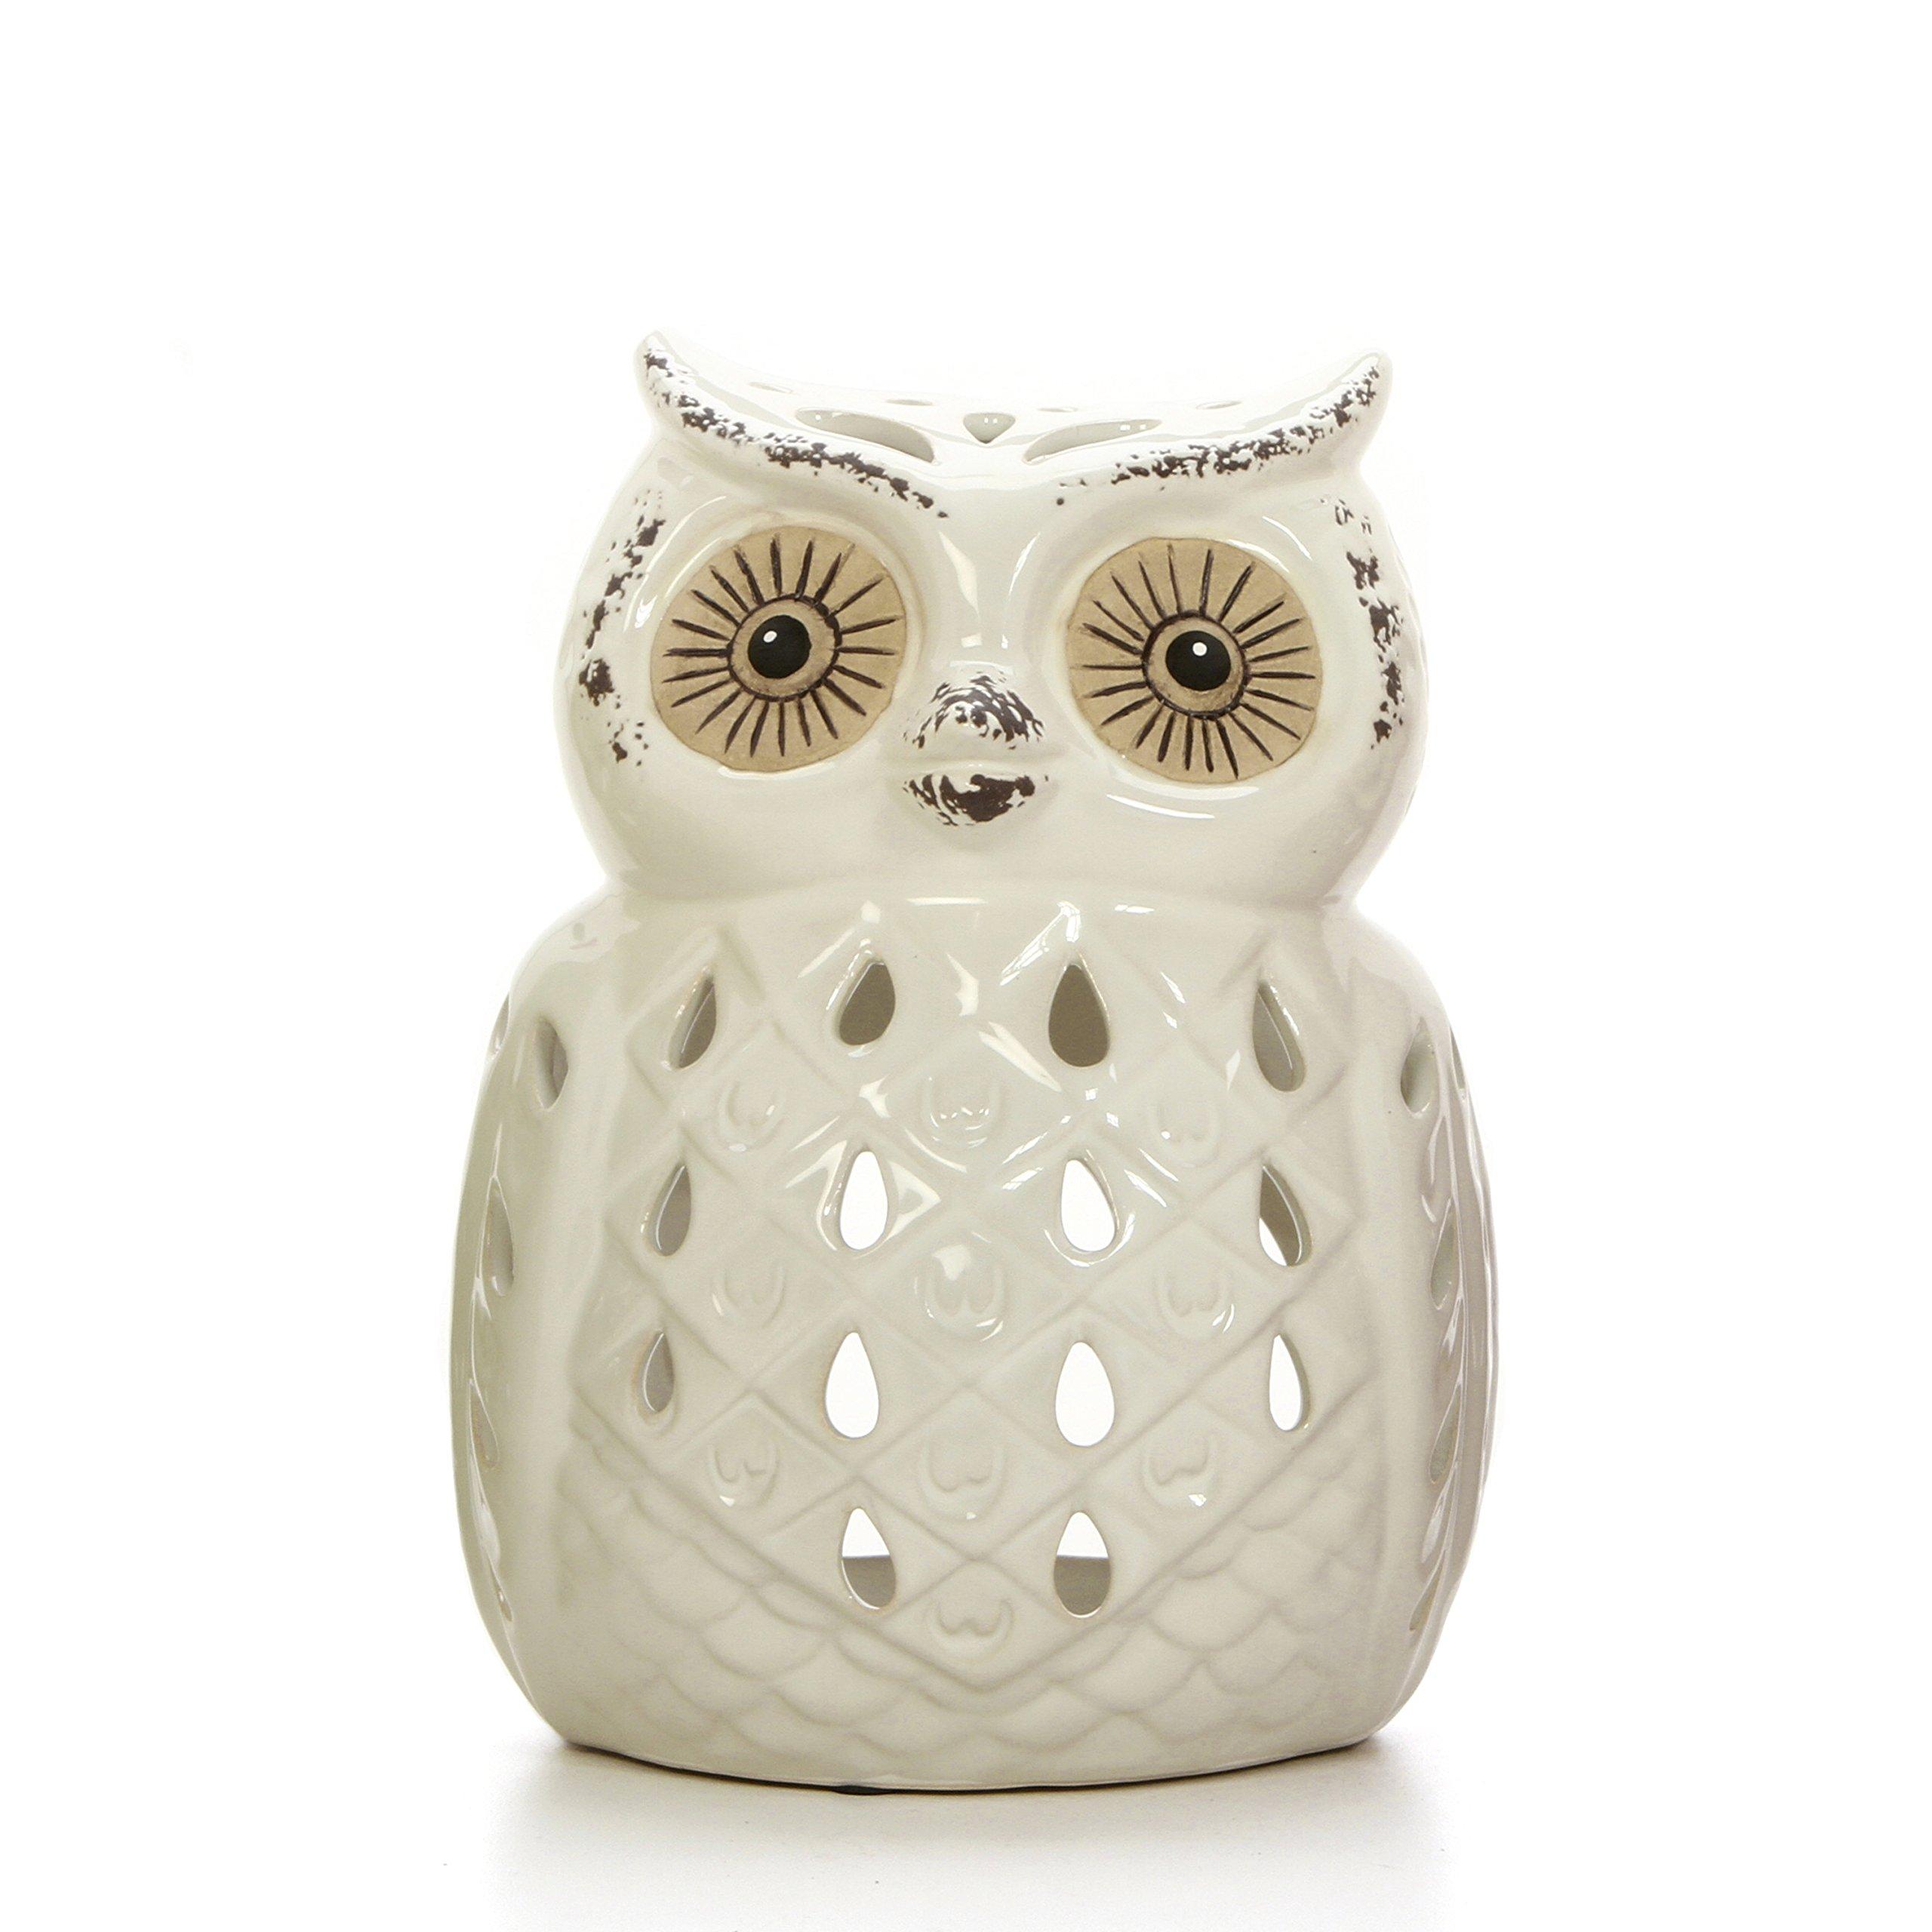 Hosley White Ceramic Owl Tealight Holder- 7'' High. Ideal Gift for Wedding, Party, spa, Reiki etc, Tea Light P2